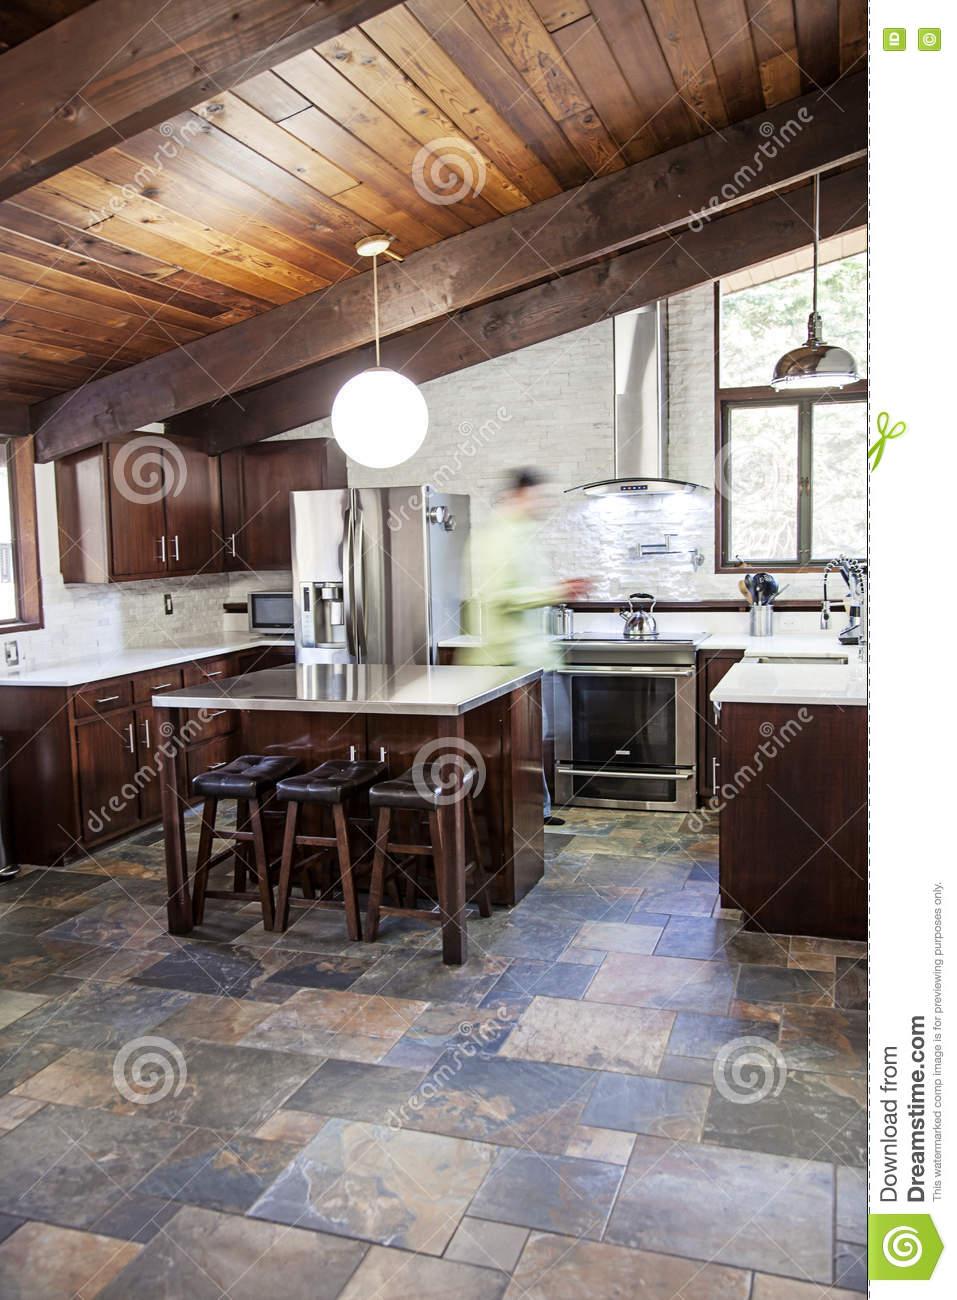 Full Size of Küchen Rustikal Rustikale Kche Stockfoto Bild Von Schiefer 78081668 Regal Rustikales Bett Rustikaler Esstisch Holz Küche Wohnzimmer Küchen Rustikal